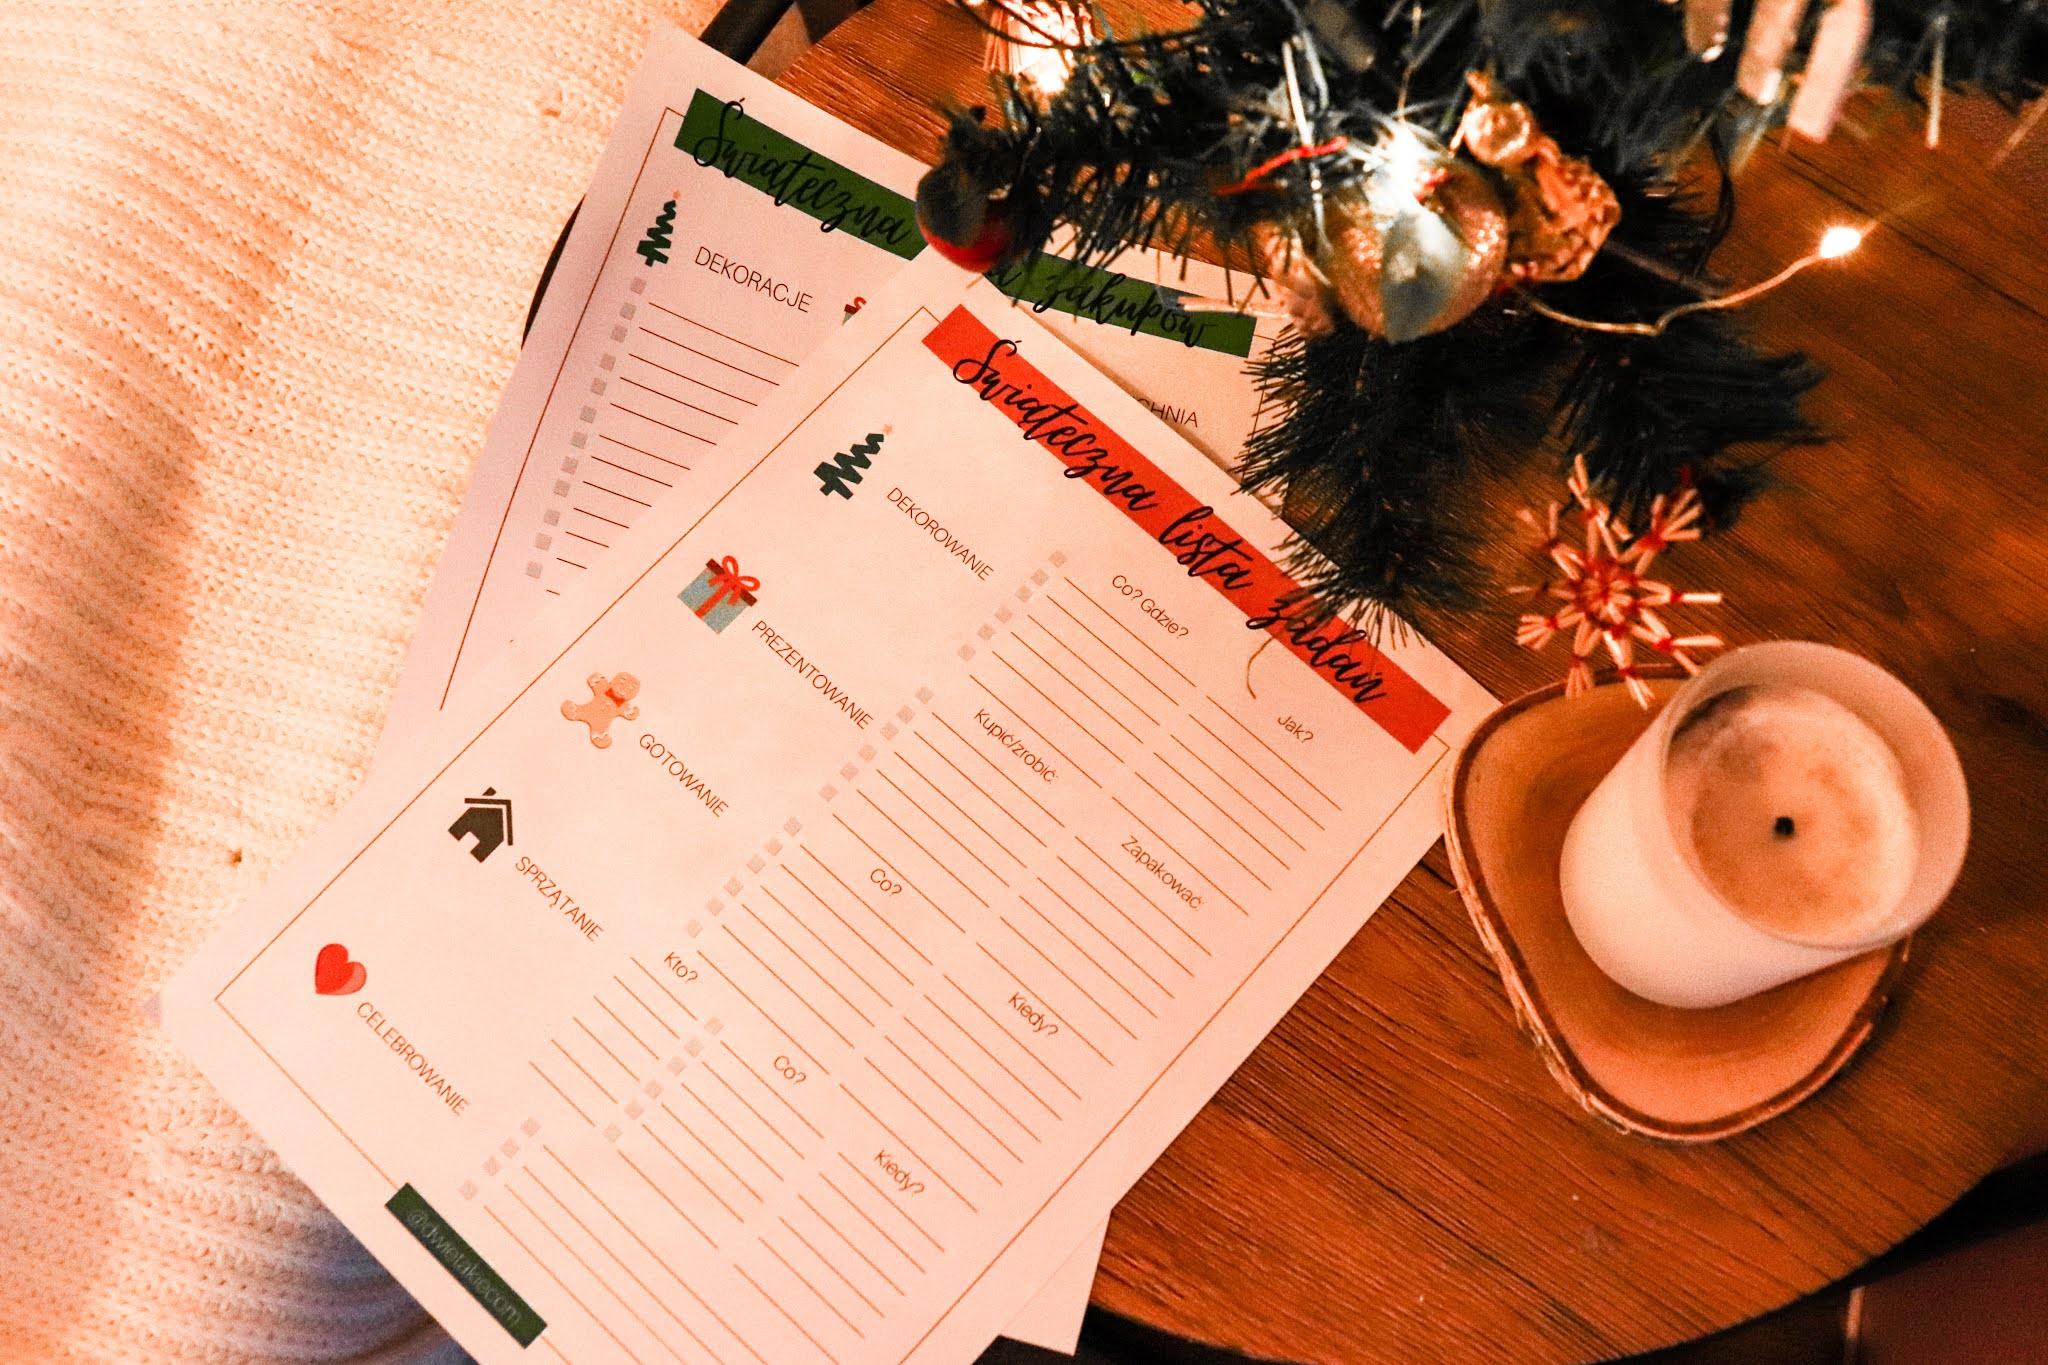 Świąteczny planner; święta, świąteczne porządki, boże narodzenie, prezenty, prezentownik, merry christmas, świąteczne planowanie, lista zakupów, do druku